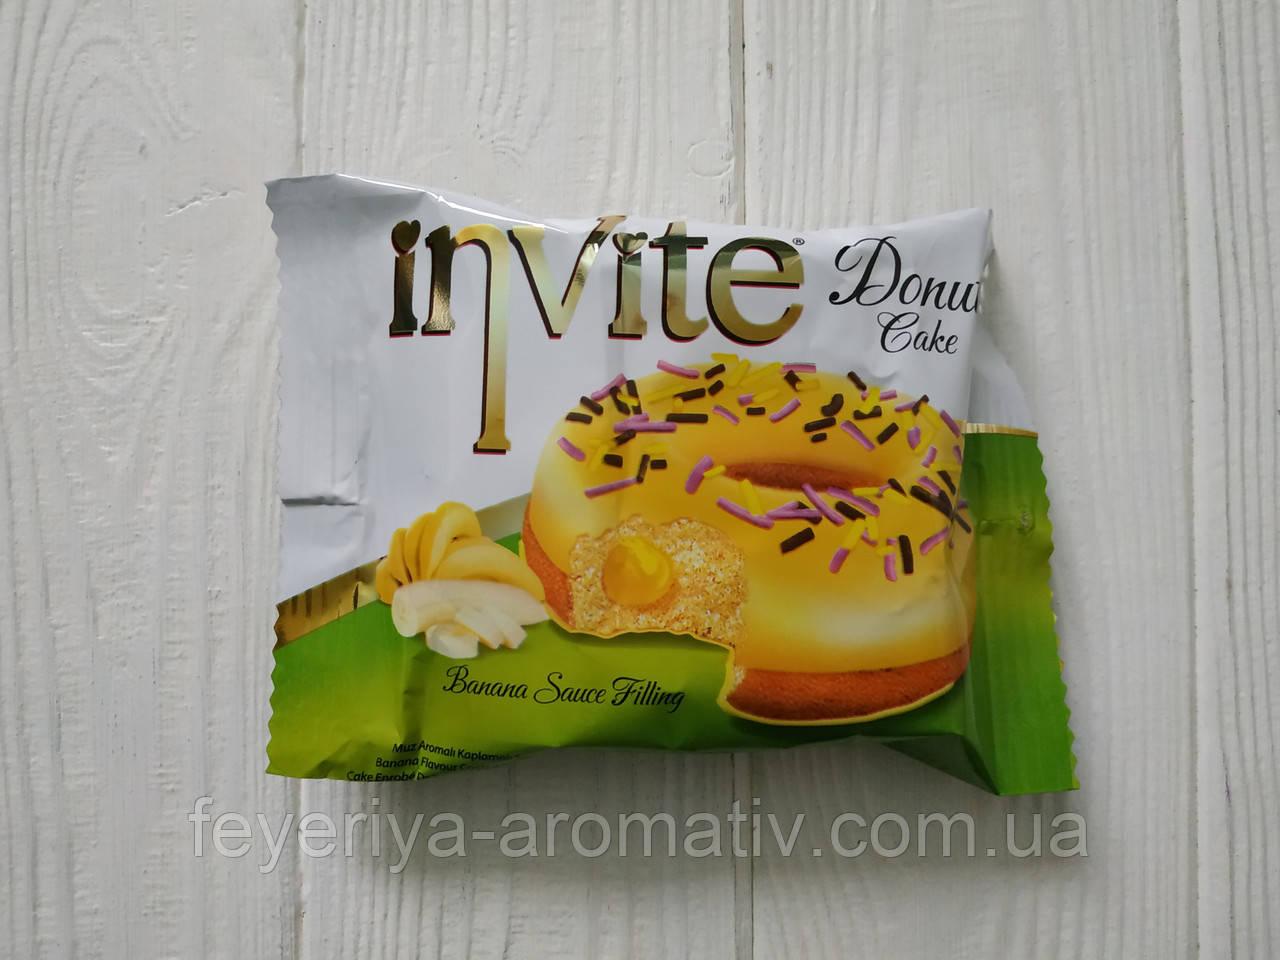 Пончик со вкусом банана Invite Donut Cake